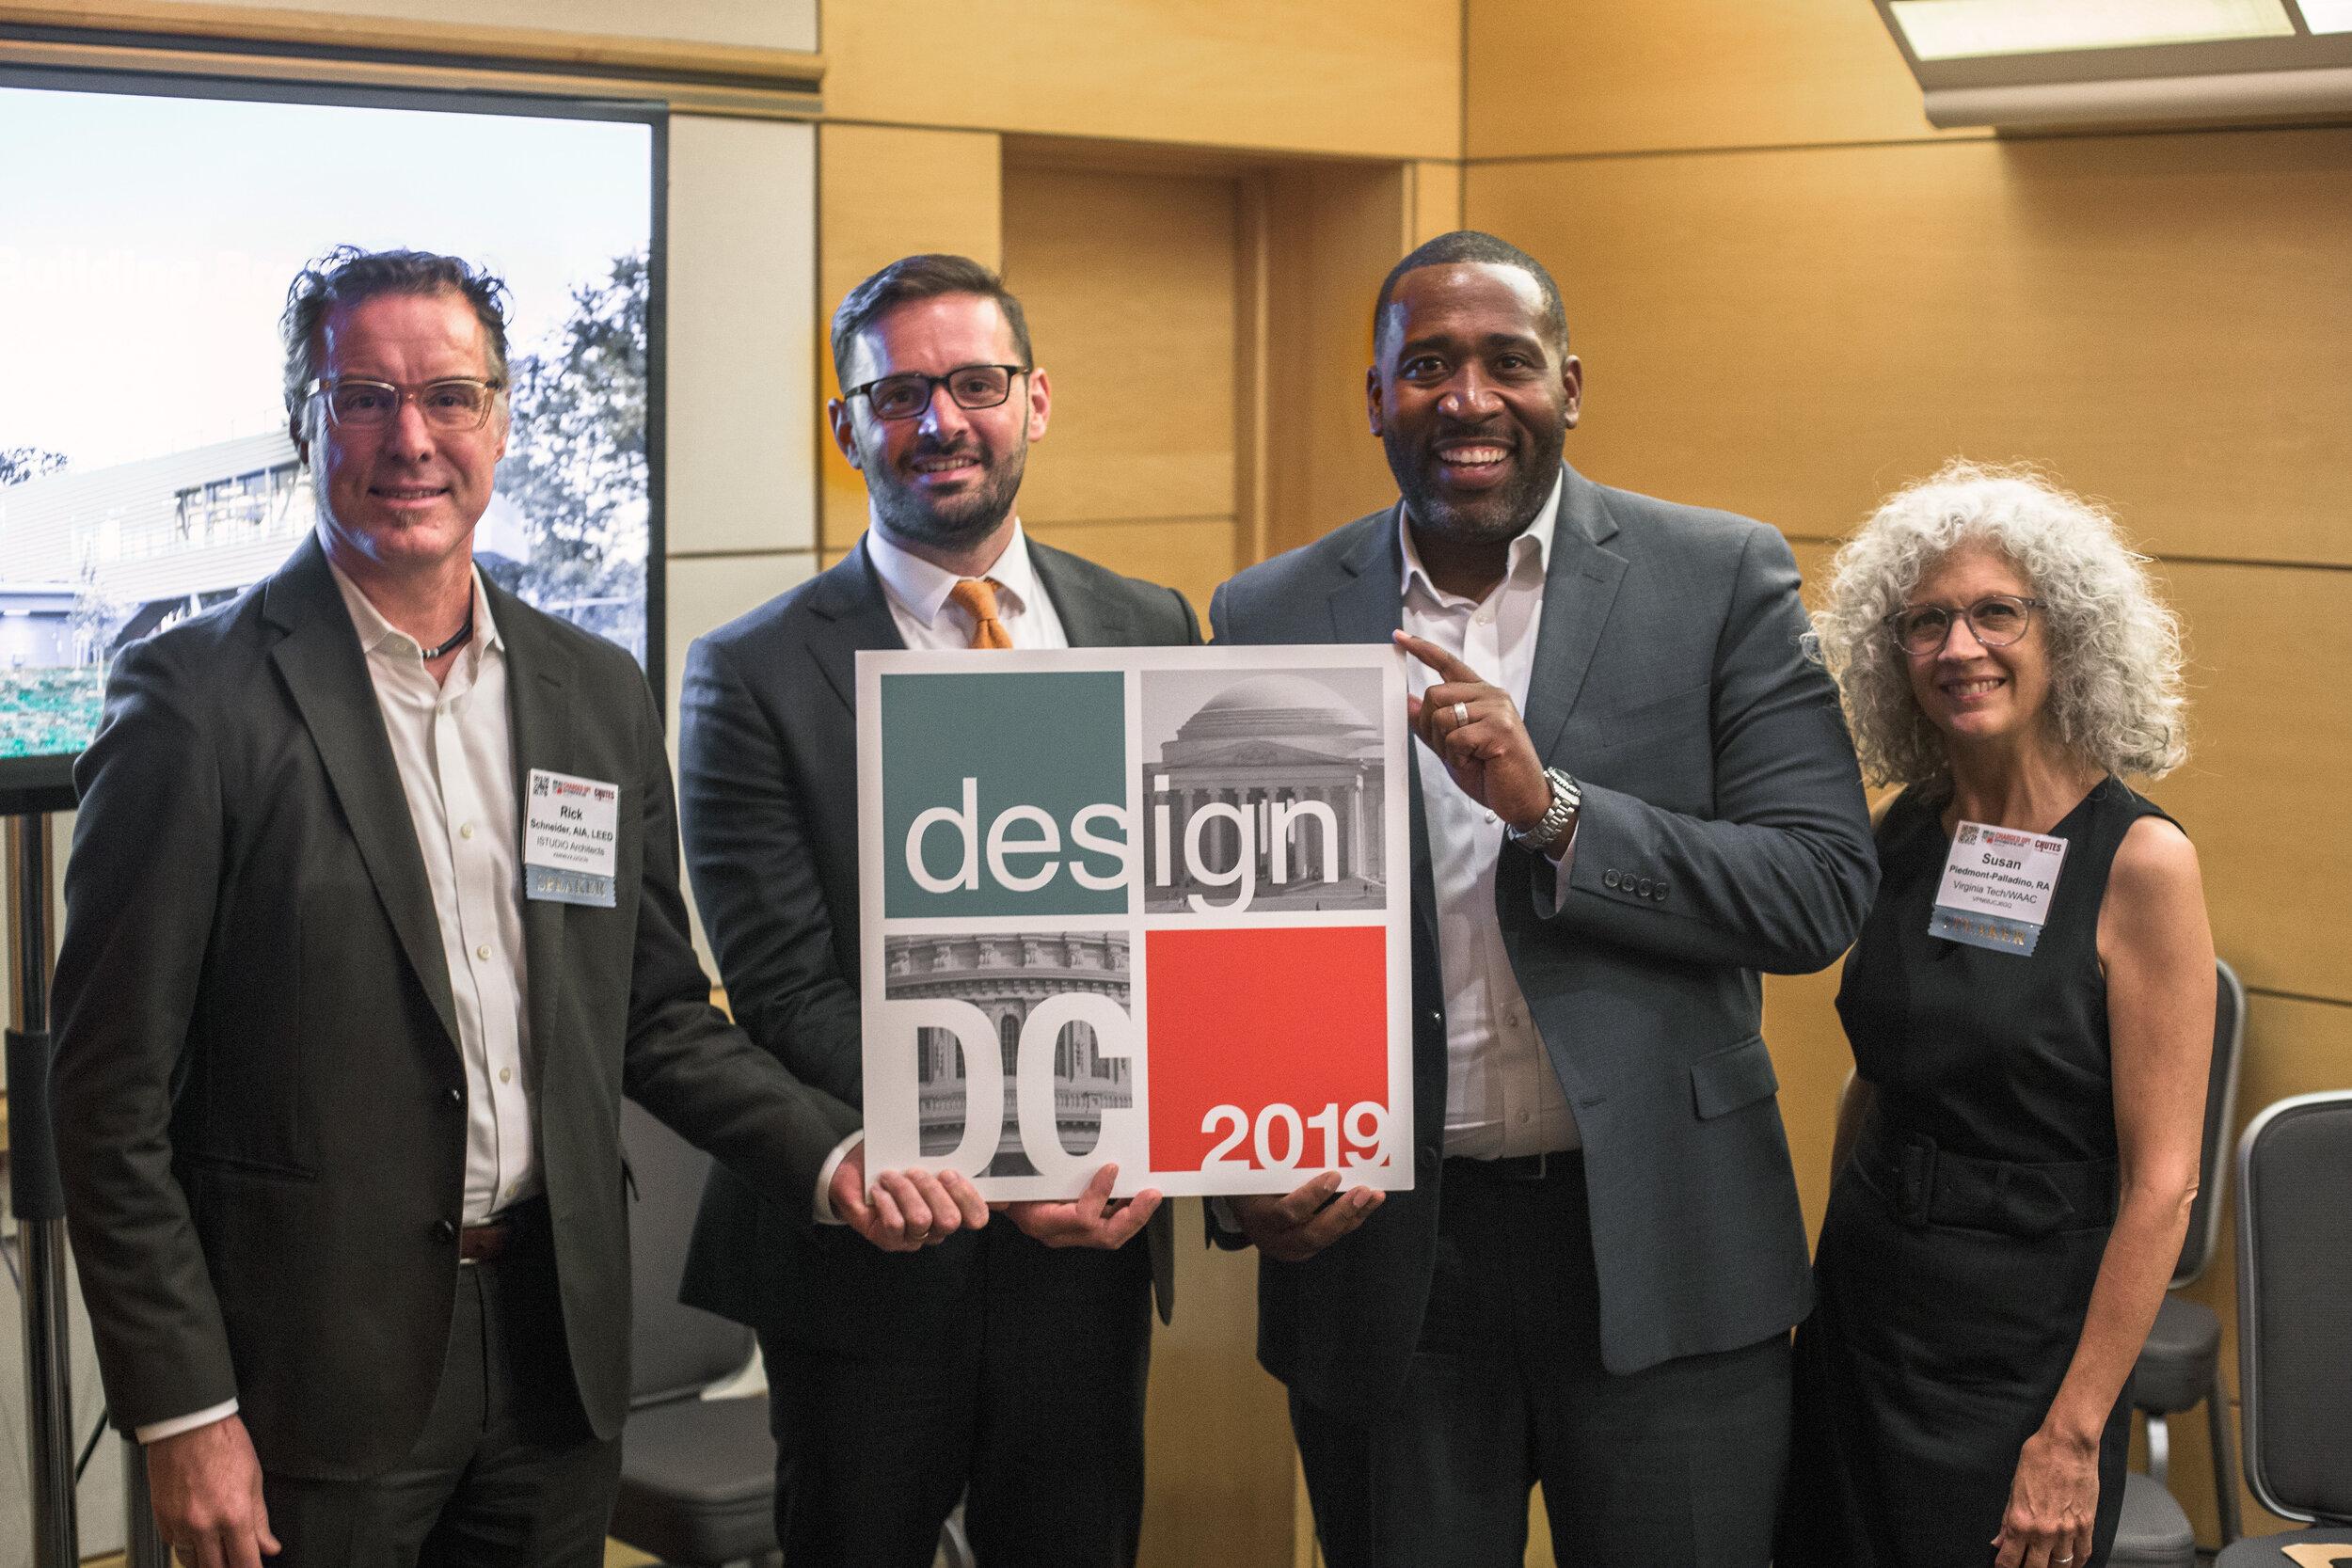 20190917 DesignDC 2019 (5).jpg